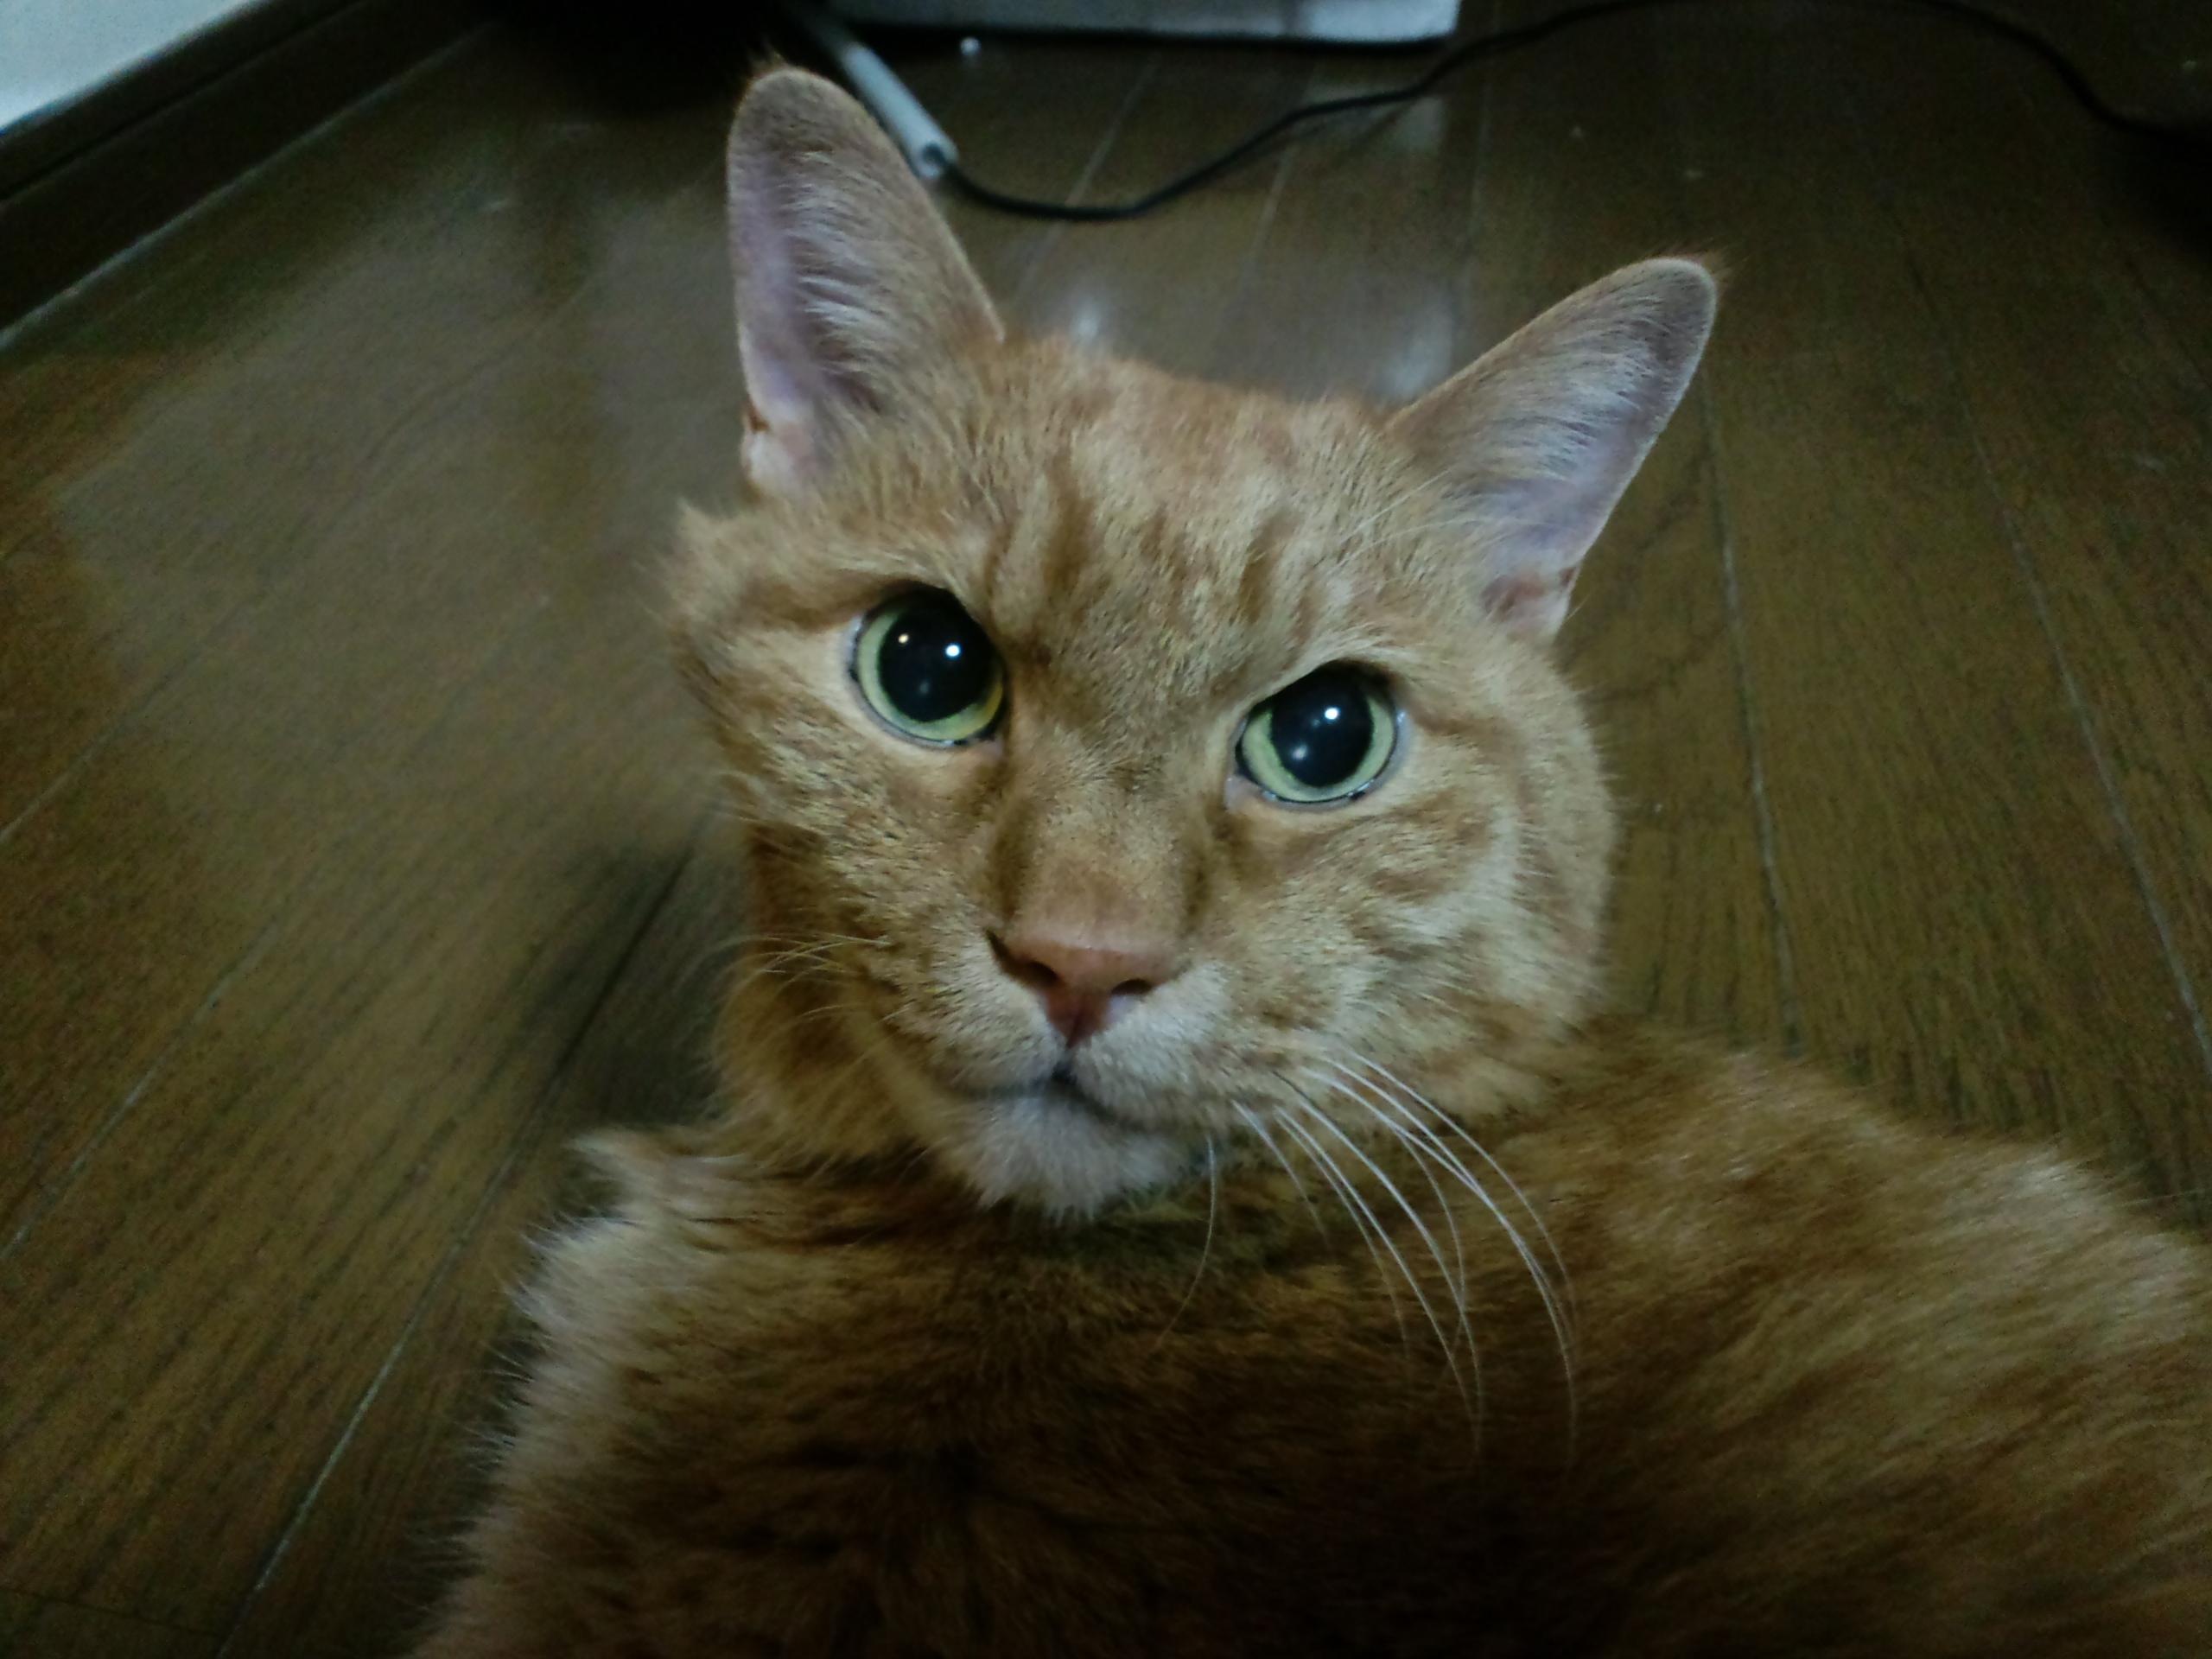 【茶トラ猫エレナの闘病記】2年半もの長き病魔(悪性リンパ腫&腎不全)との戦いを終えたエレナ、どうか安らかに